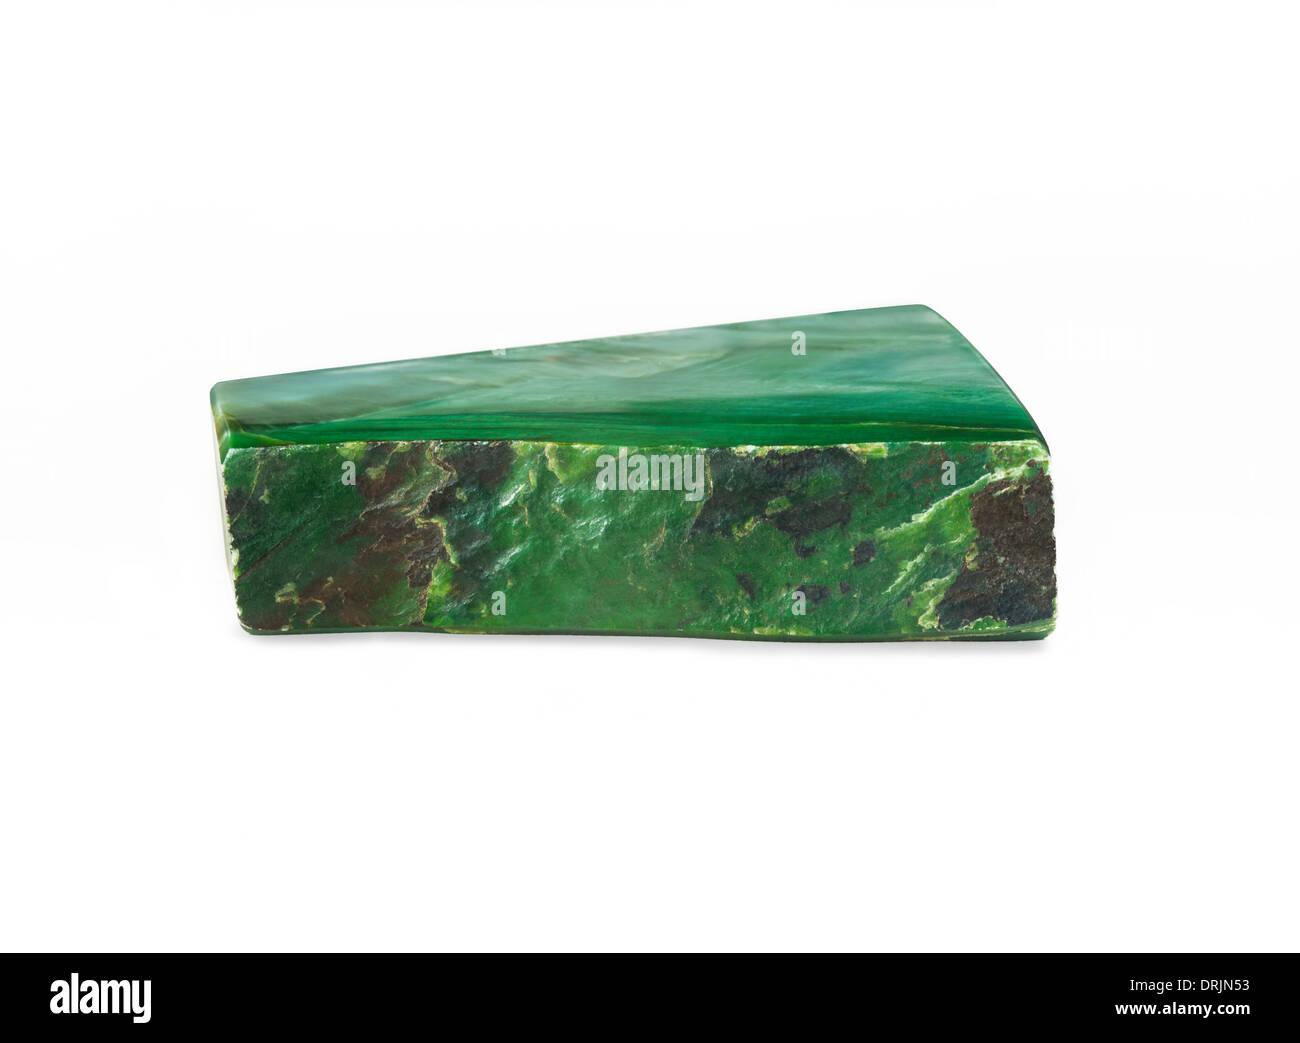 Nephrite Jade slab on white background - Stock Image